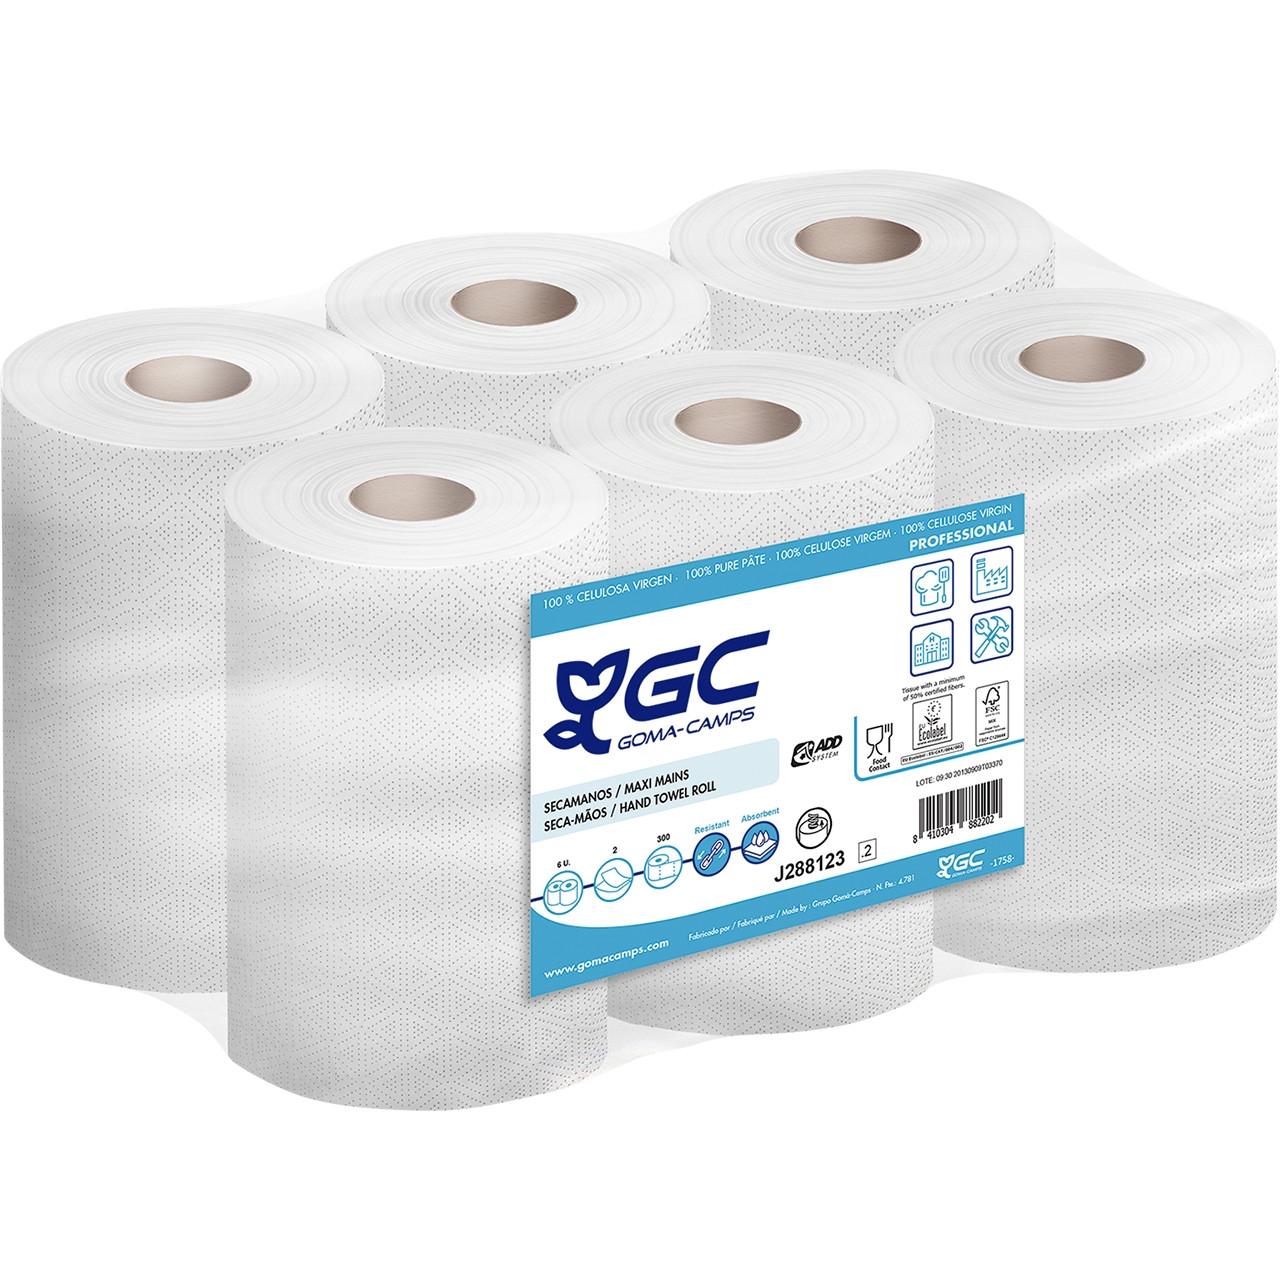 Mini-eixugamans 2c. add pasta